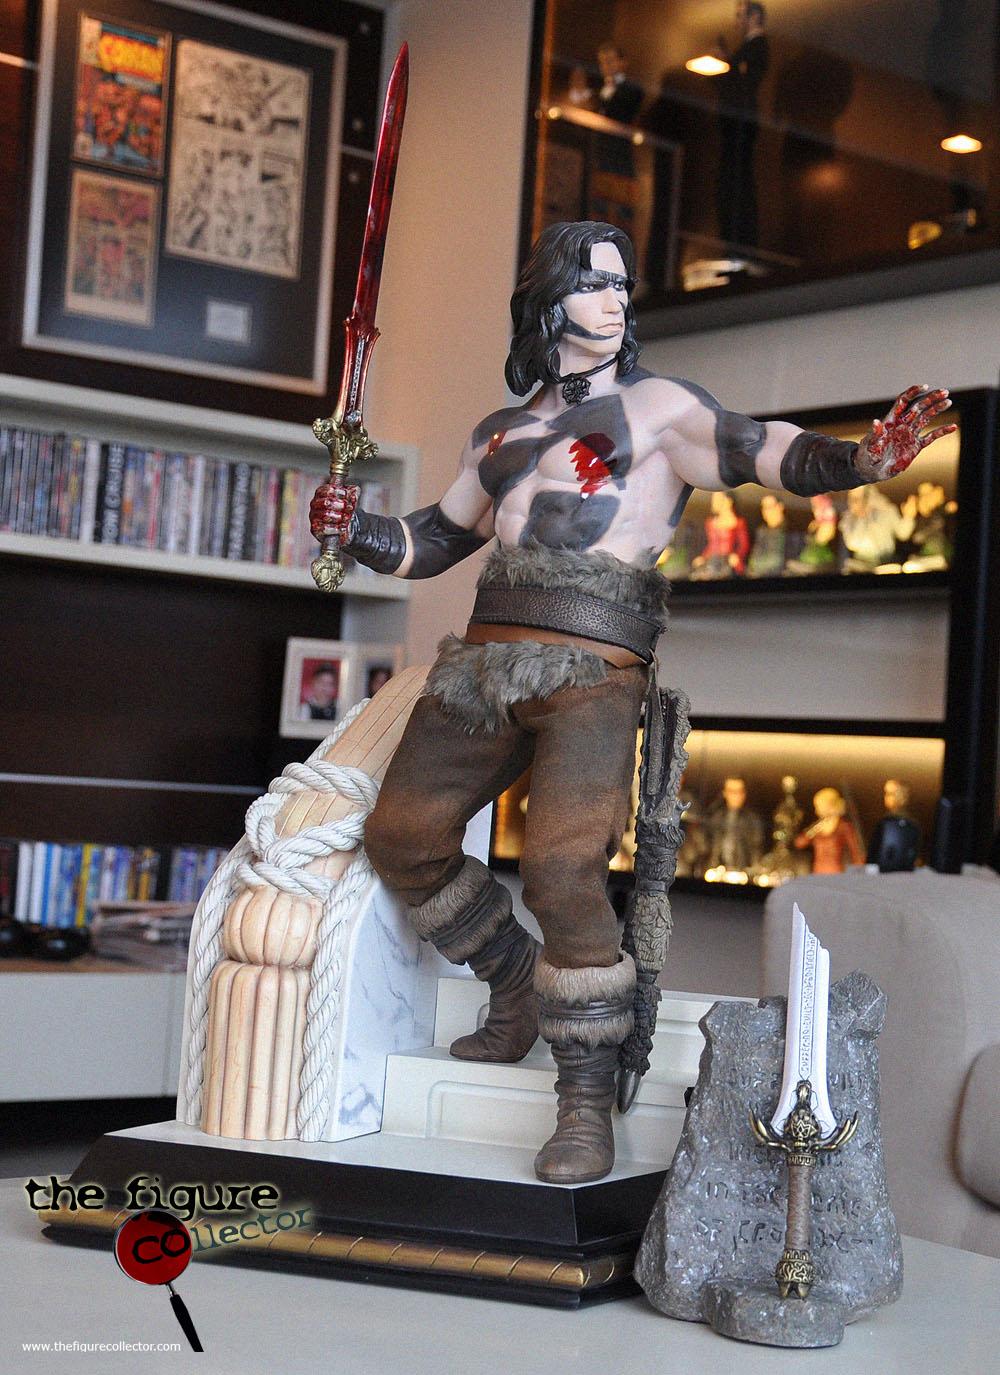 Colecao do Turco louis gara do forum Sideshow Collectors! Pobrinho!!! Conan-01